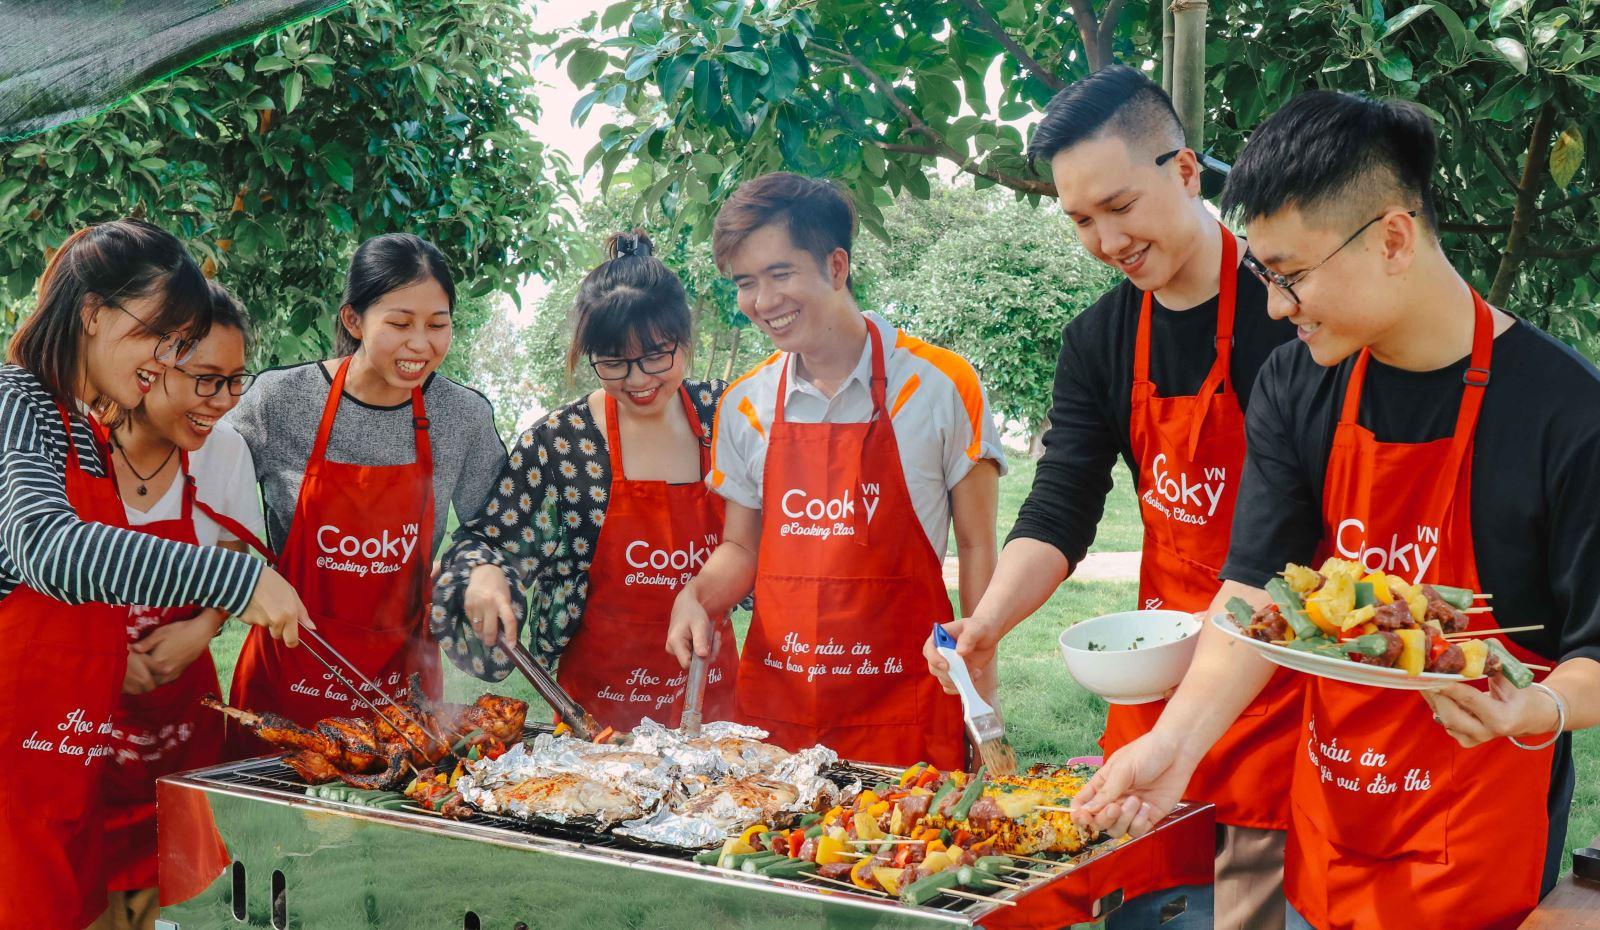 lớp học nấu ăn dã ngoại